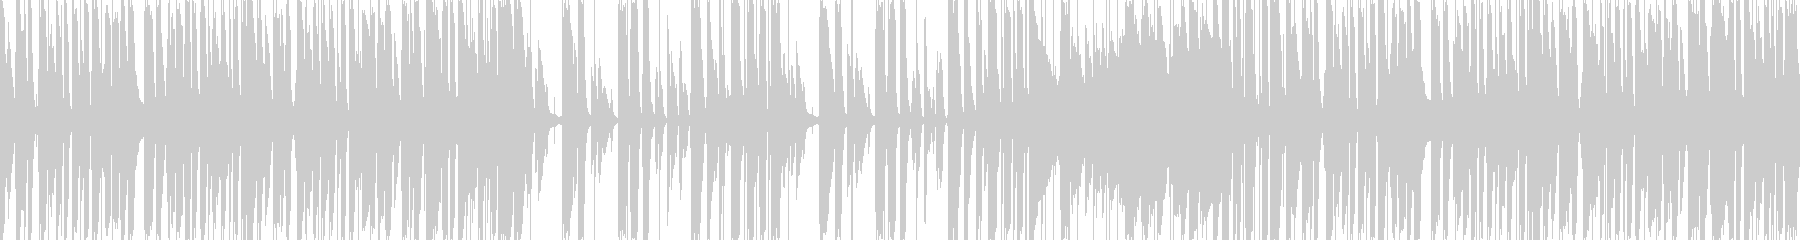 キャッチーでおしゃれなピアノトリオポップの未再生の波形